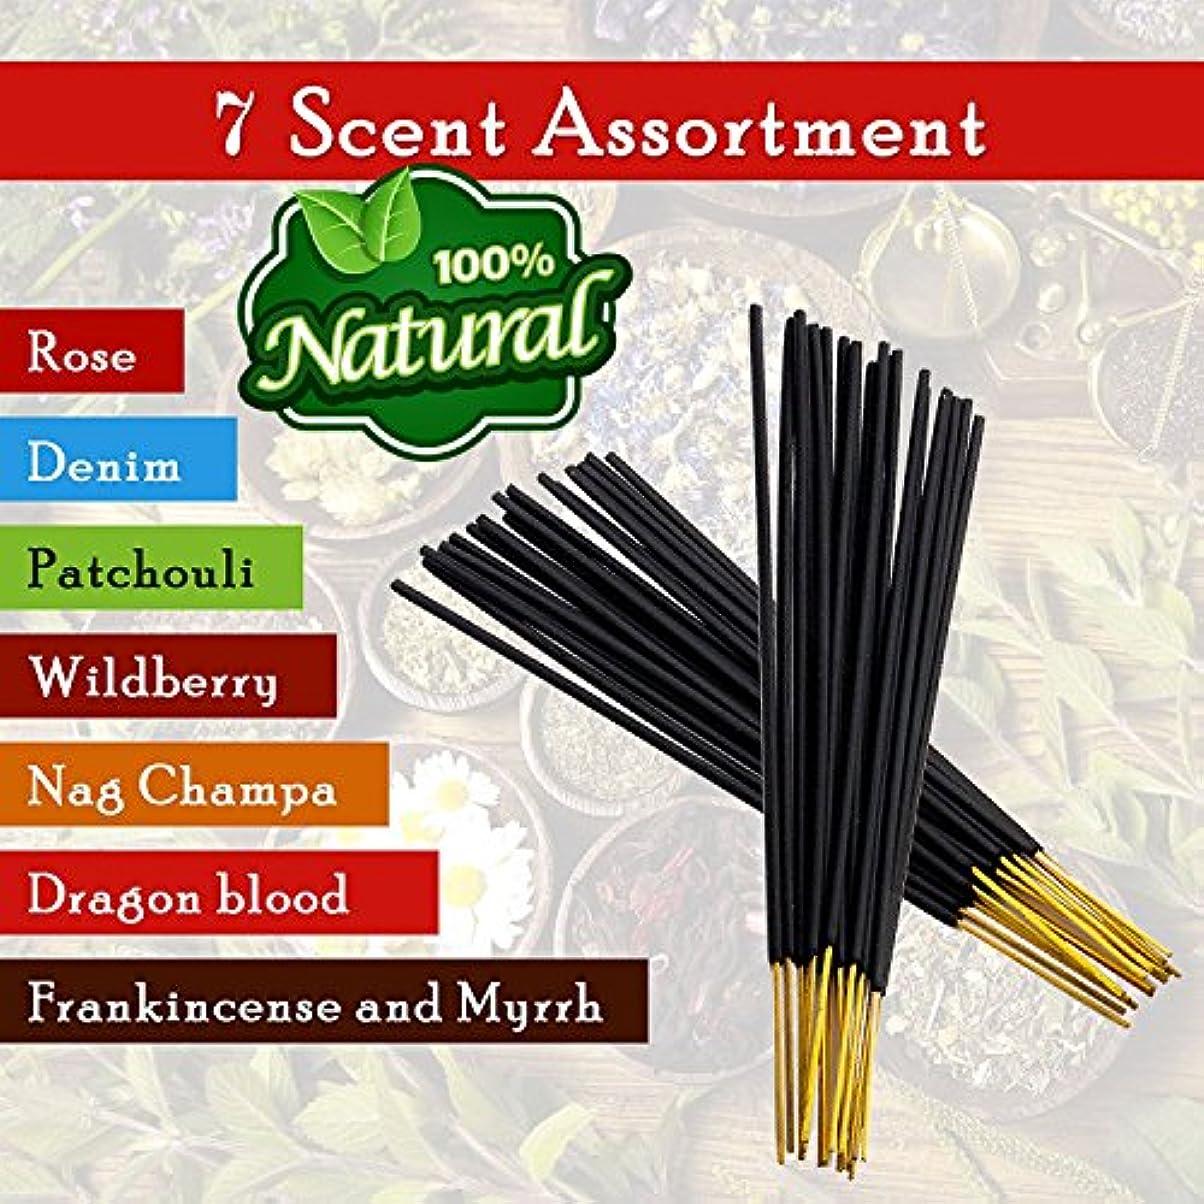 バス制限遺伝的7-assorted-scents-Frankincense-and-Myrrh-Patchouli-Denim-Rose Dragon-blood-Nag-champa-Wildberry 100%-Natural-Incense-Sticks...